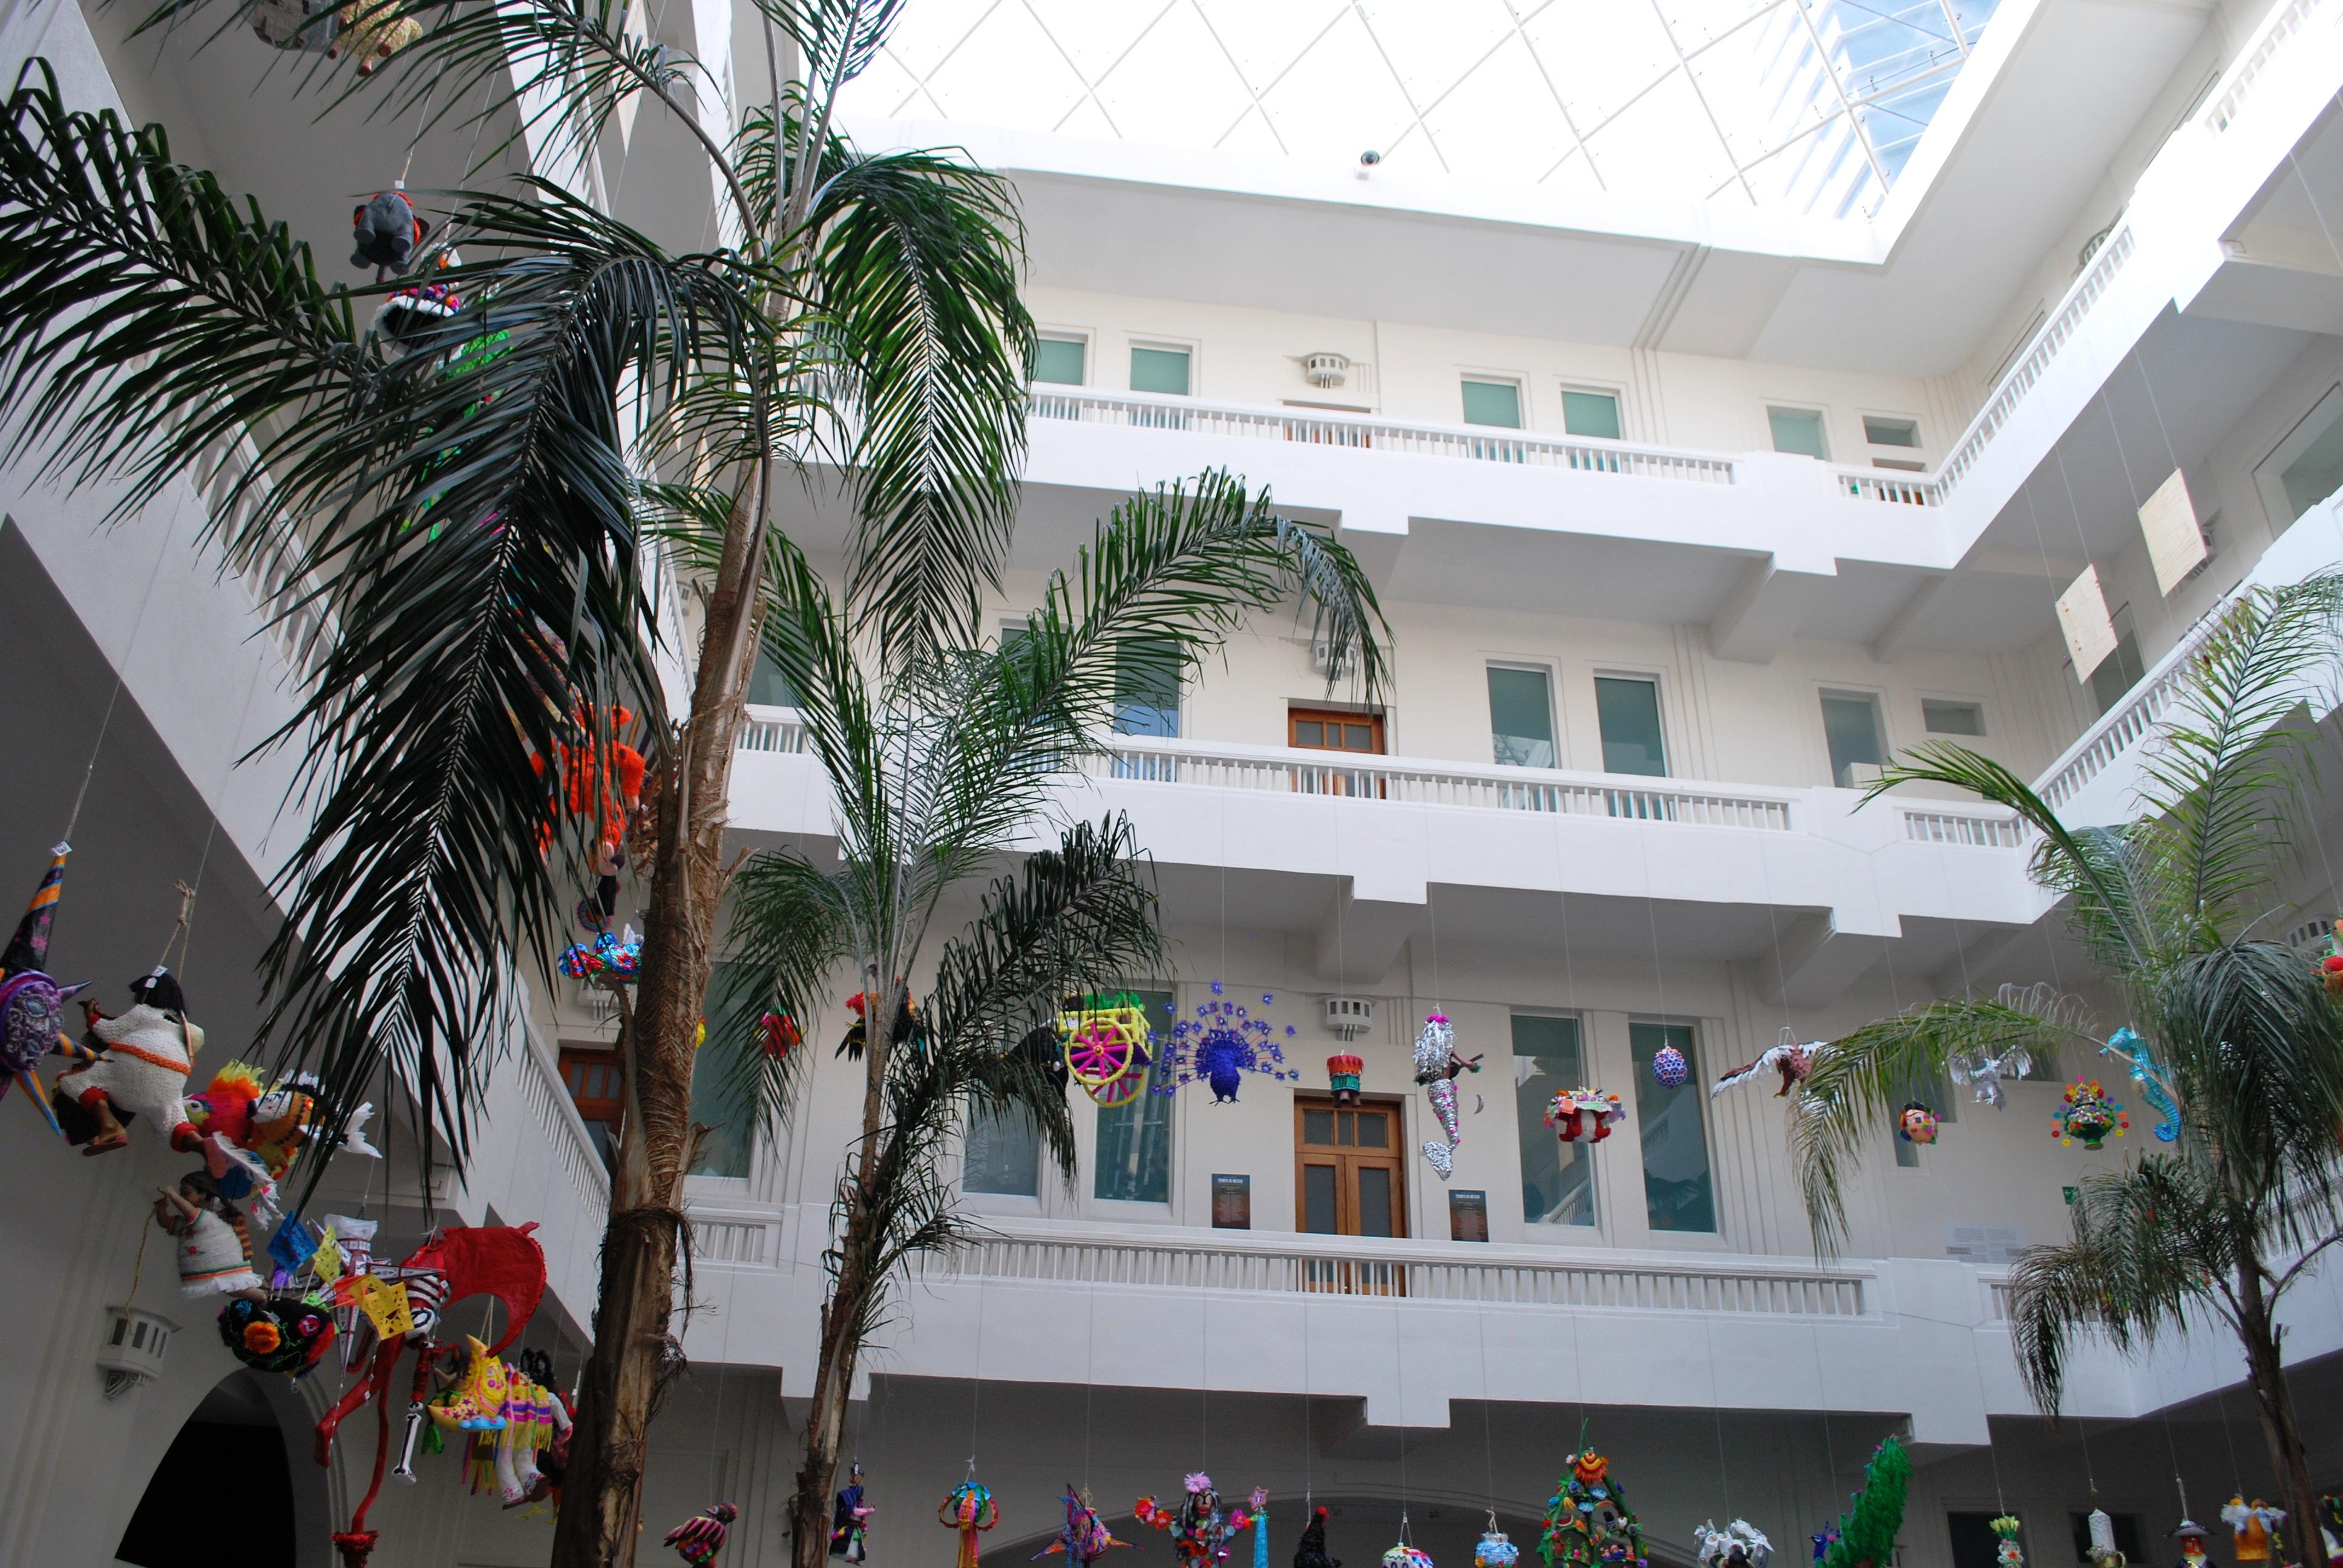 Museu d'Art Popular de la Ciutat de Mèxic